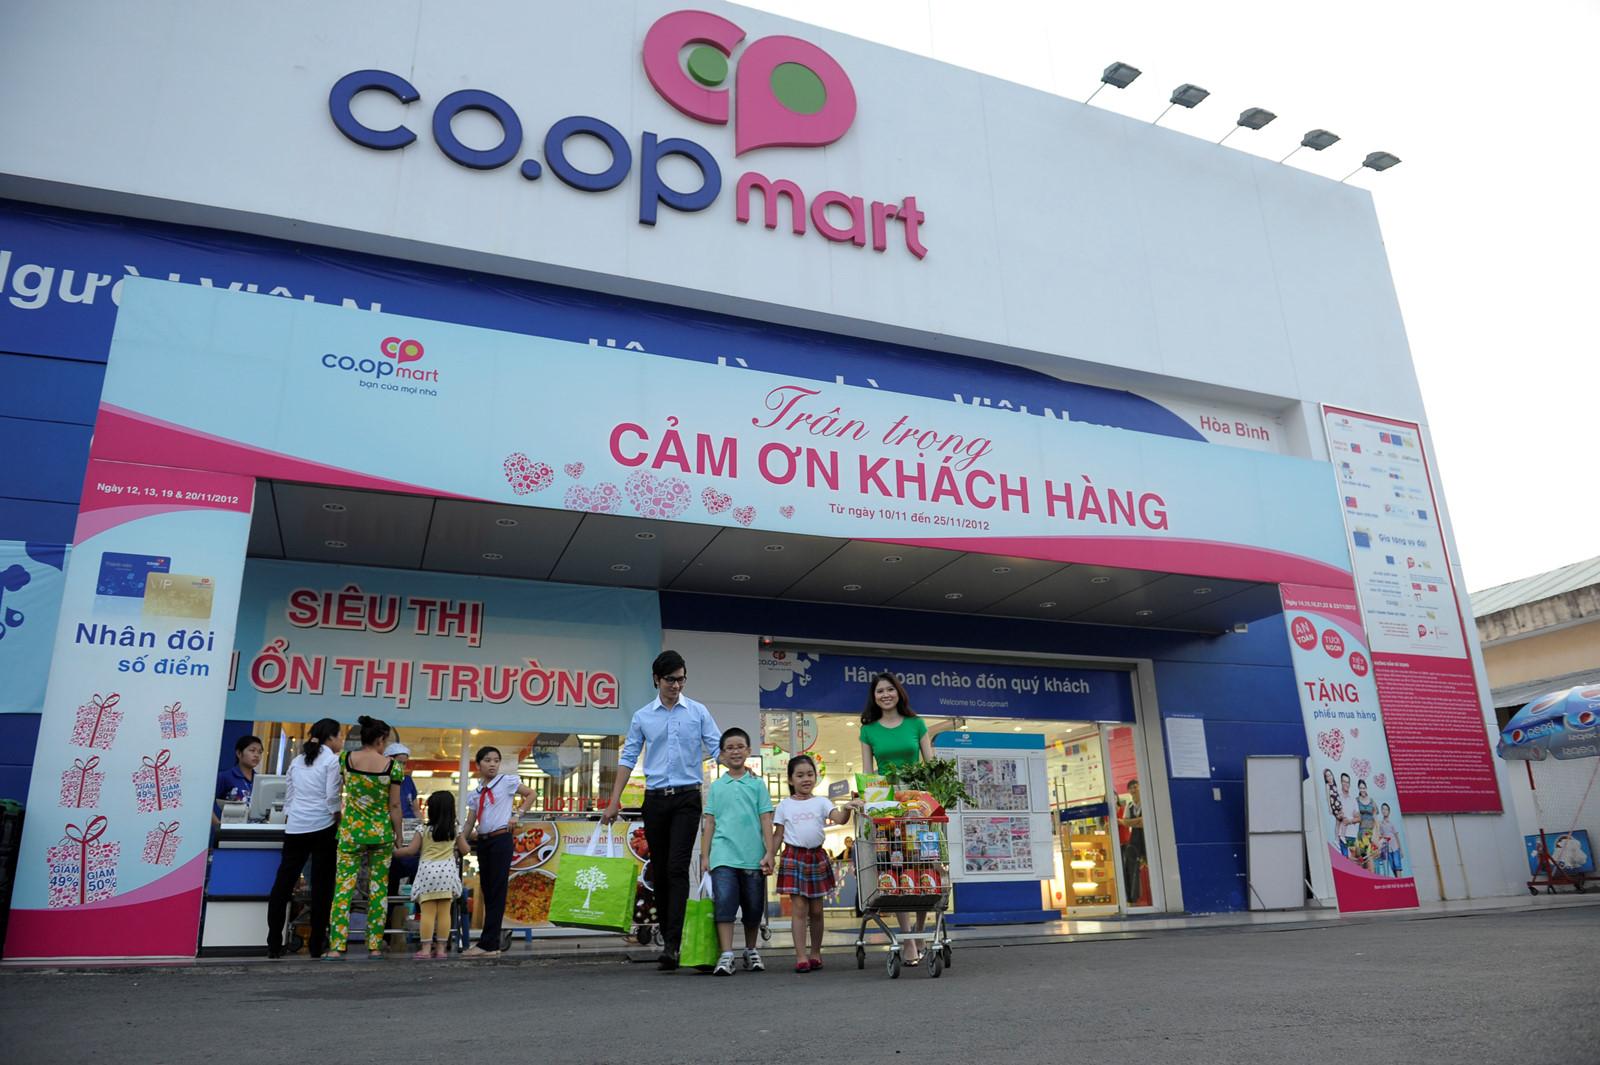 TTTM Co.op Mart Đồng Văn Cống